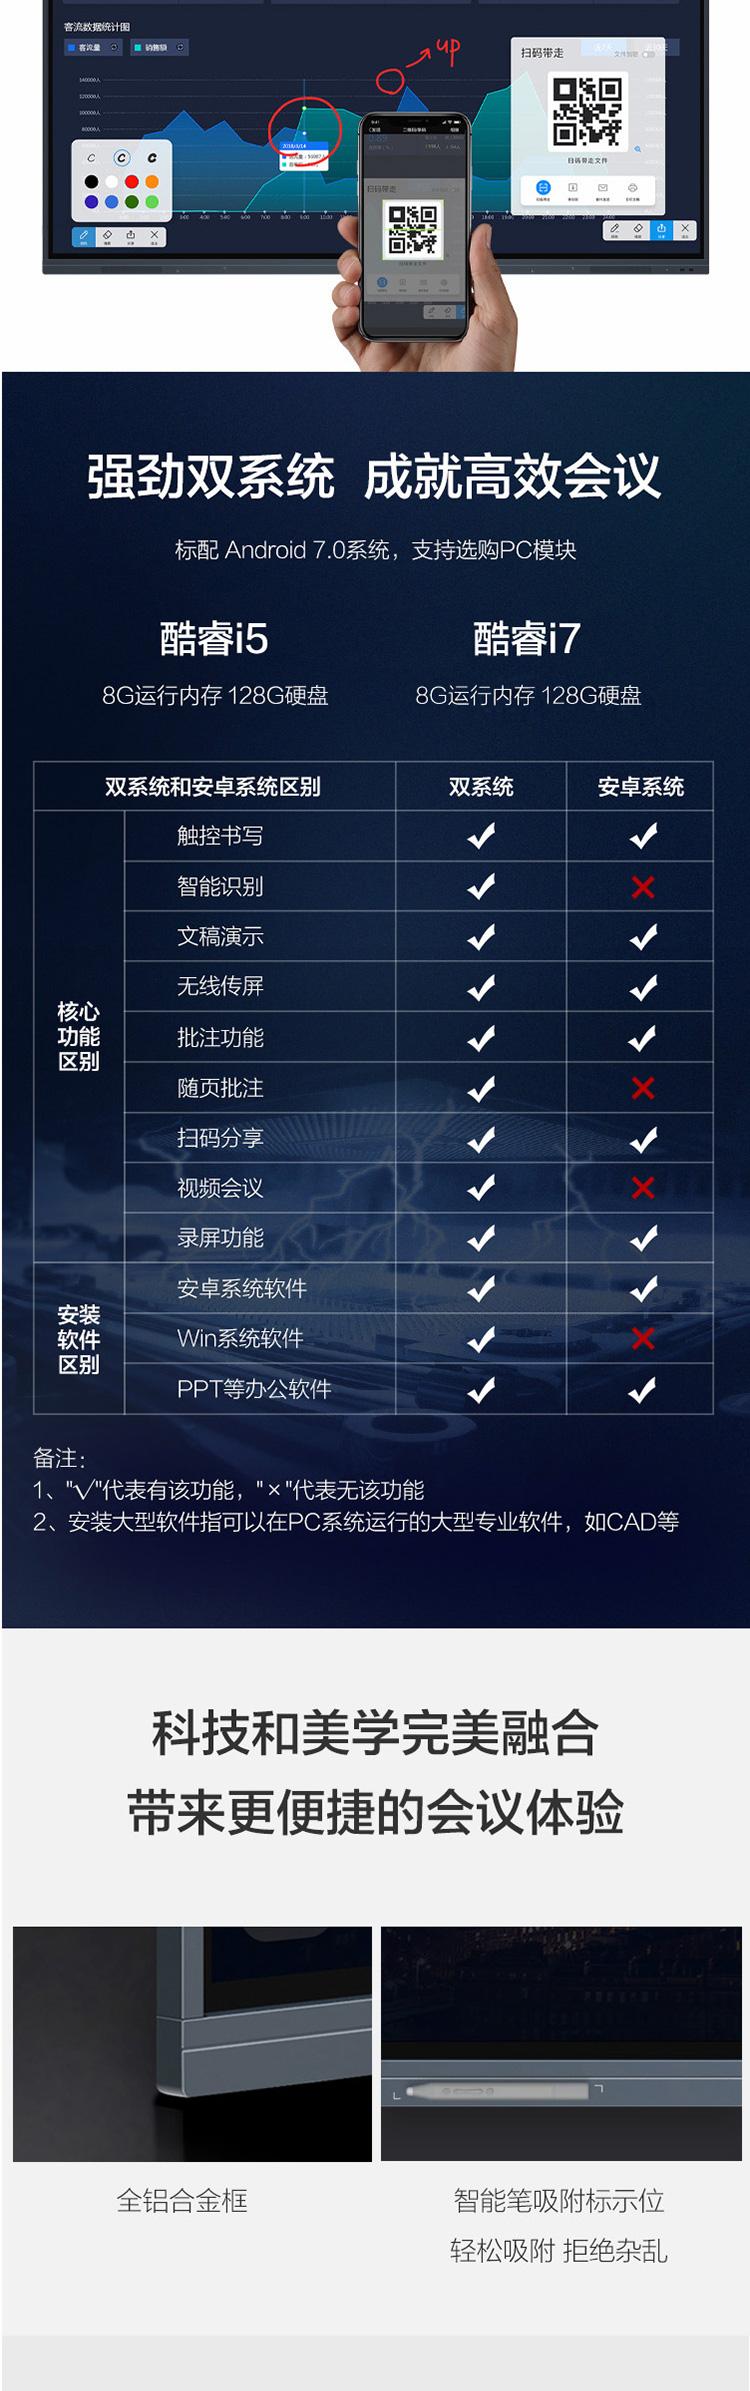 M1系列詳情頁中性_04.jpg